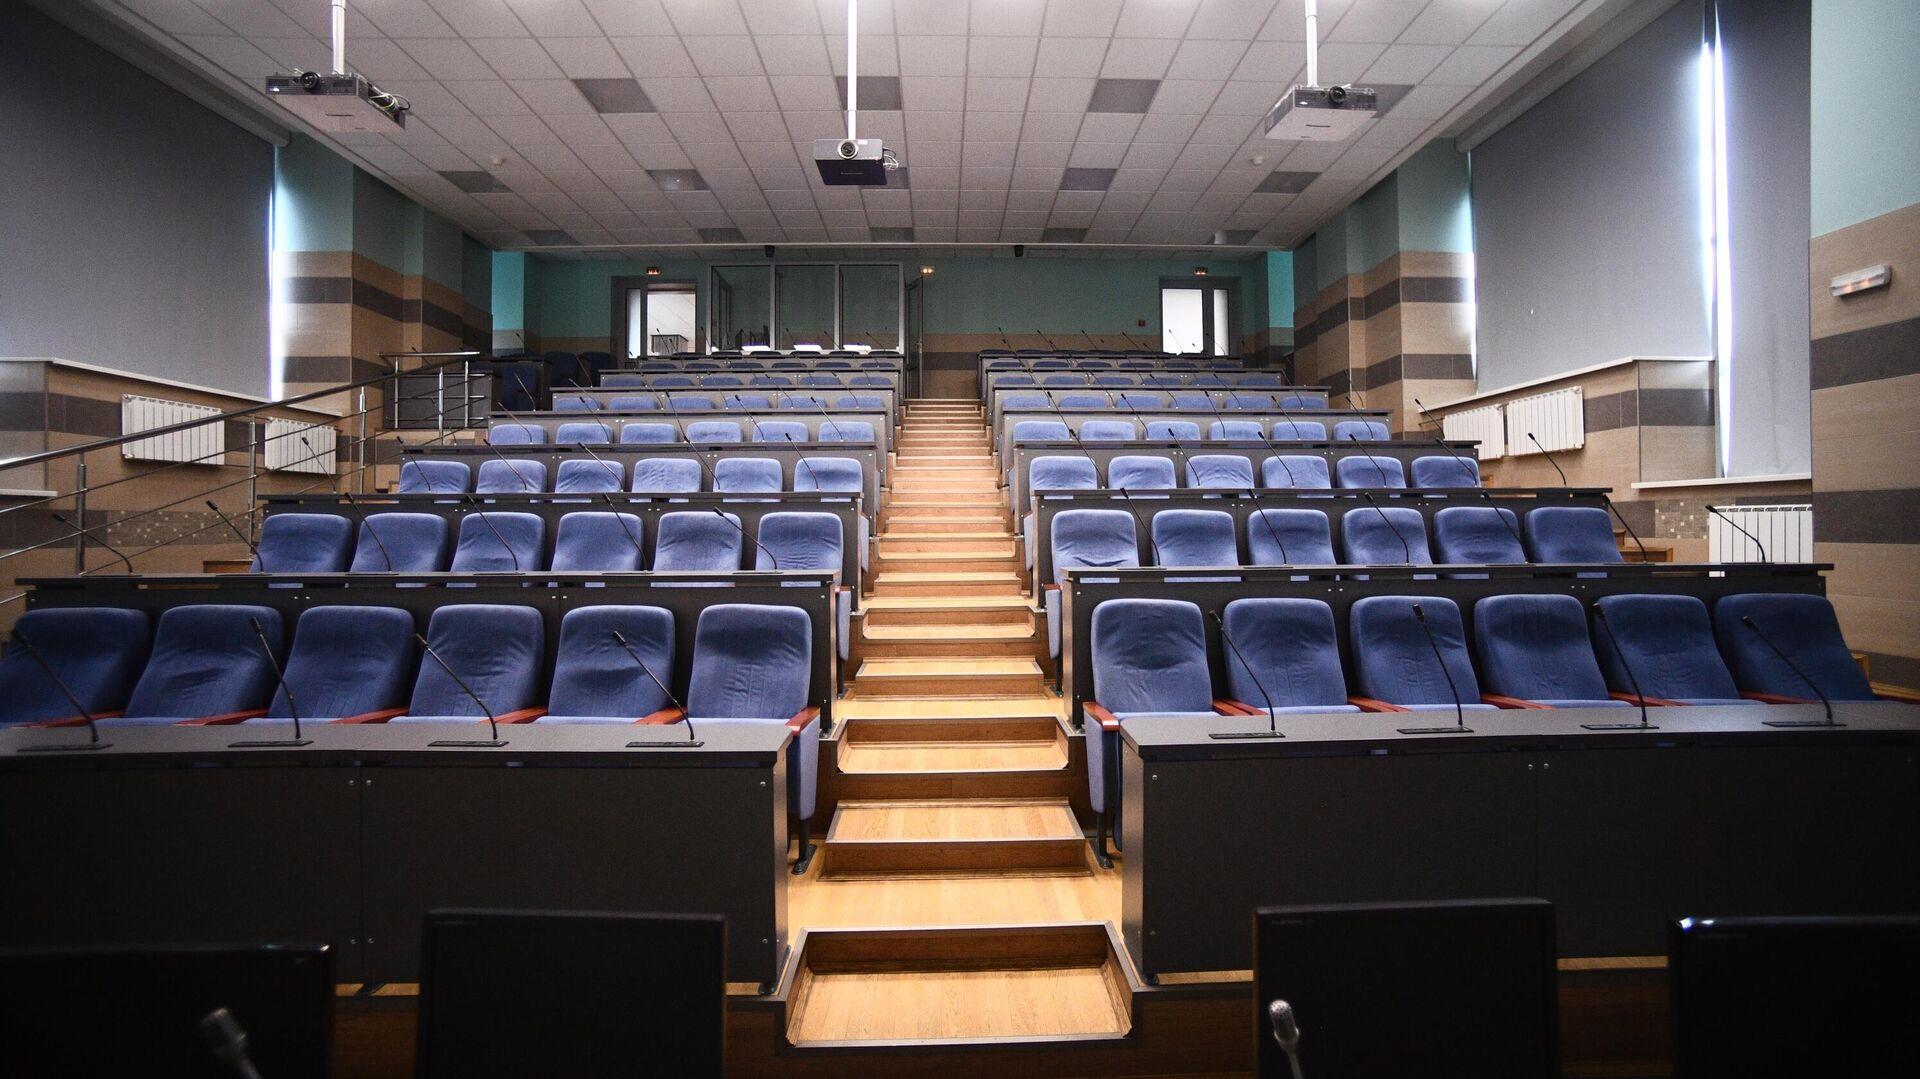 Пустая аудитория Национального исследовательского технологического университета МИСиС - РИА Новости, 1920, 09.09.2020